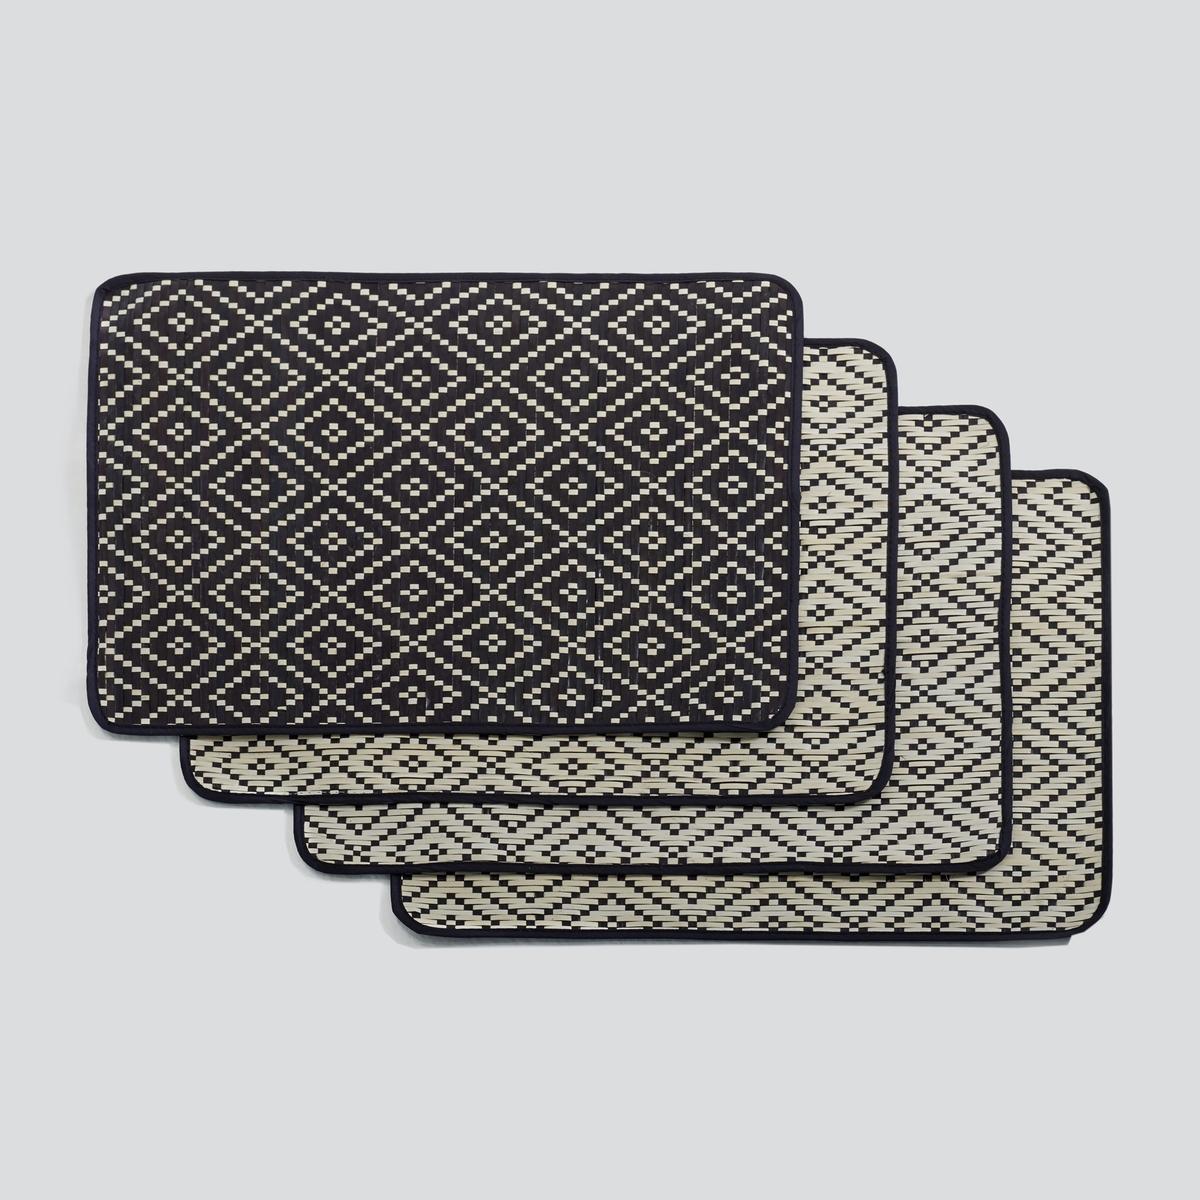 Комплект из 4 салфеток из пальмового дерева, SabinКомплект из 4 салфеток под столовые приборы, Sabin. Добавляют декору этнический штрих...Характеристики: : - Плетеные, из пальмового дерева- Двусторонние.Размеры  : - 30 x 40 см<br><br>Цвет: белый + черный